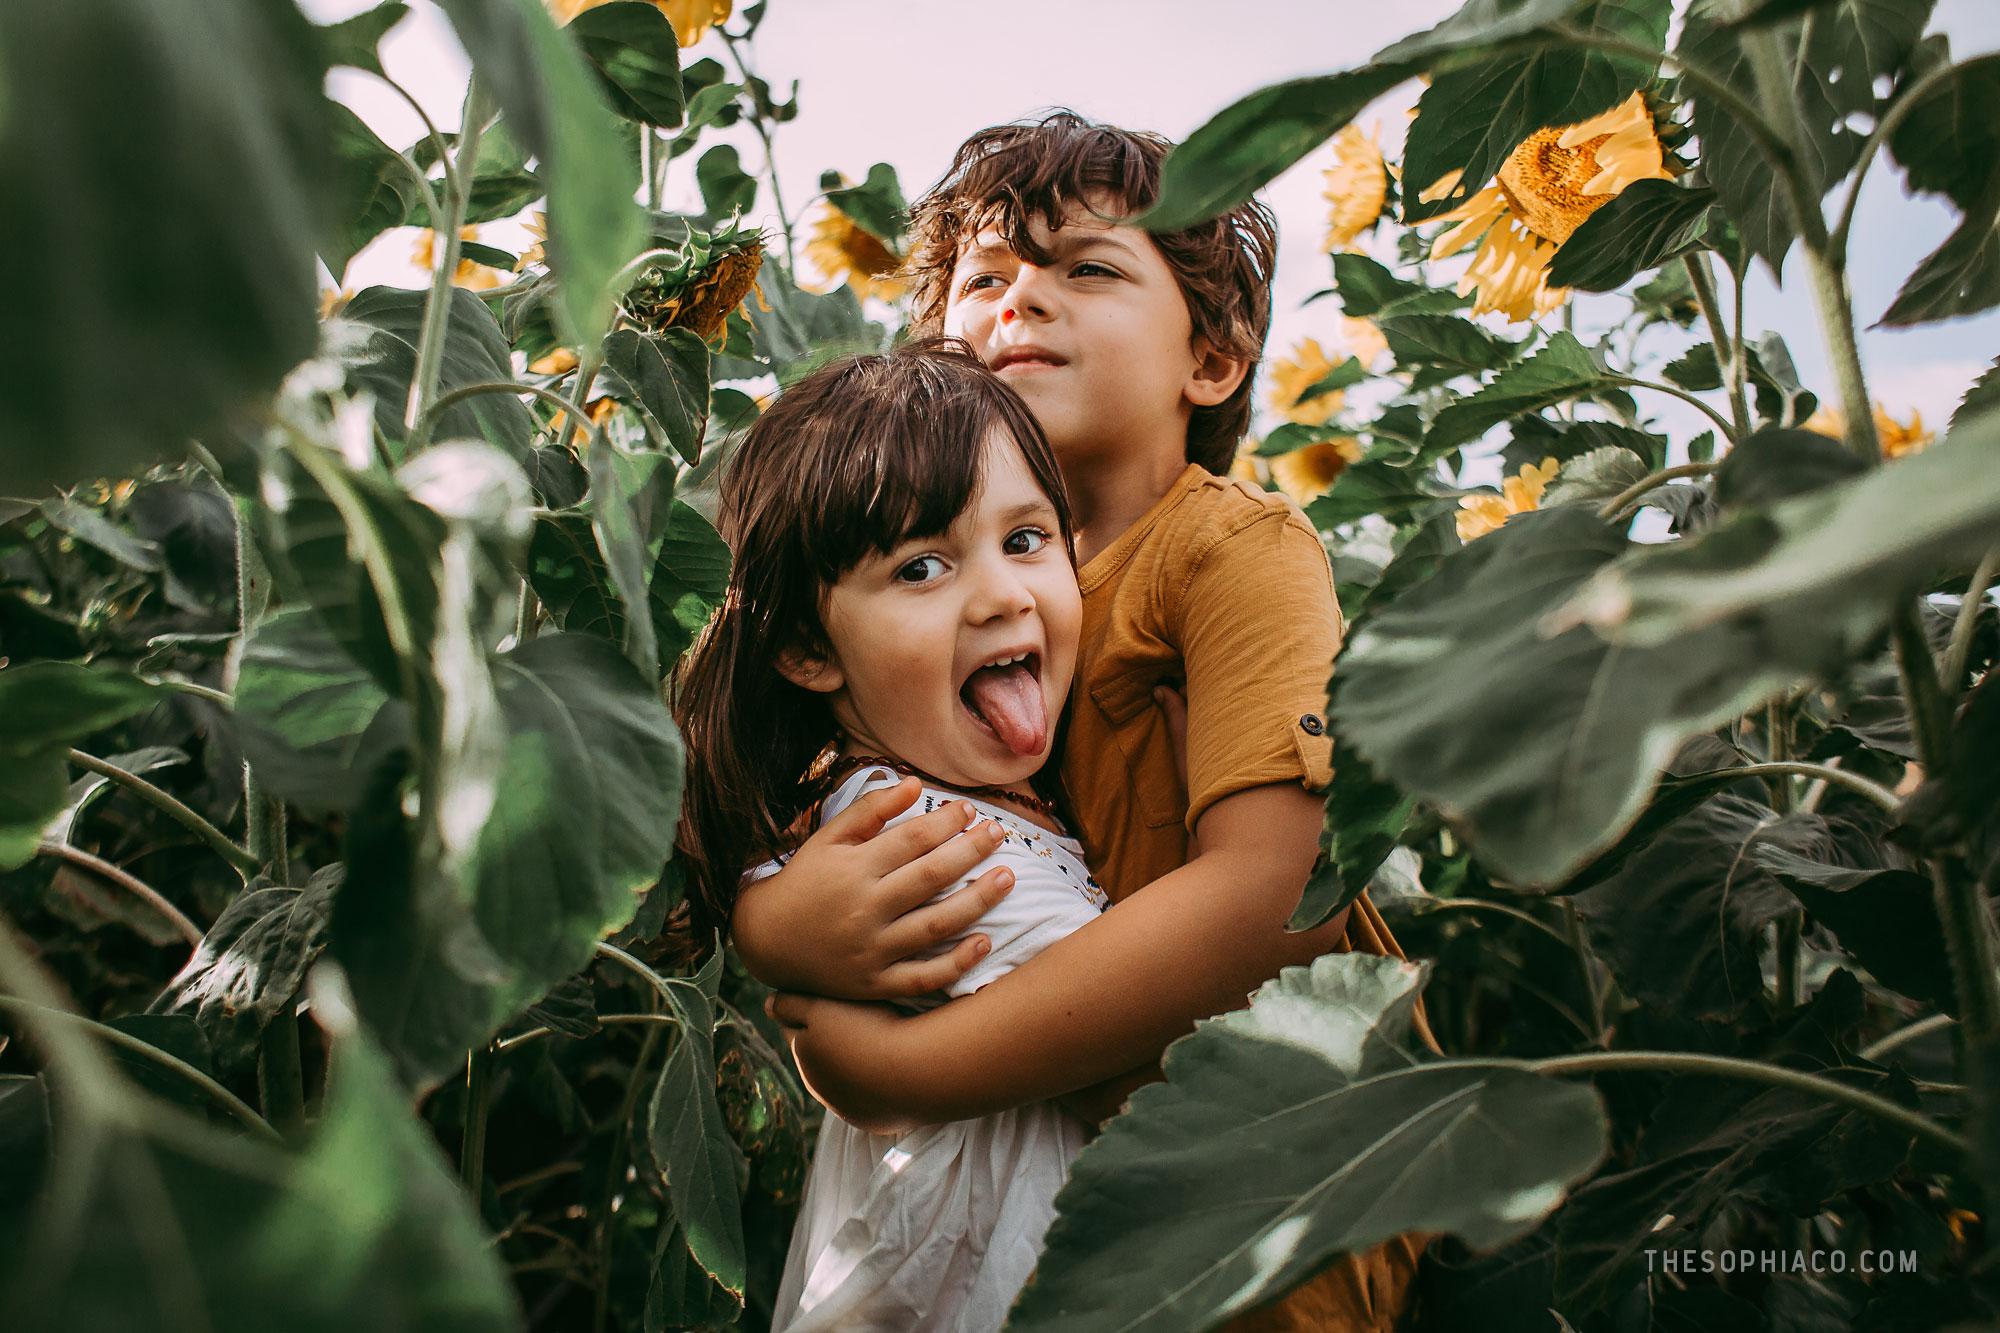 waialua-sunflowers-oahu-family-photography-04.jpg